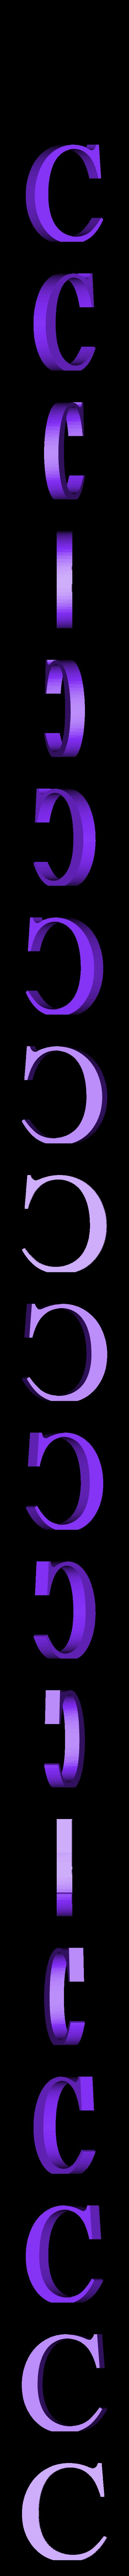 C.STL Télécharger fichier STL gratuit alphabet • Modèle pour imprimante 3D, Cerega